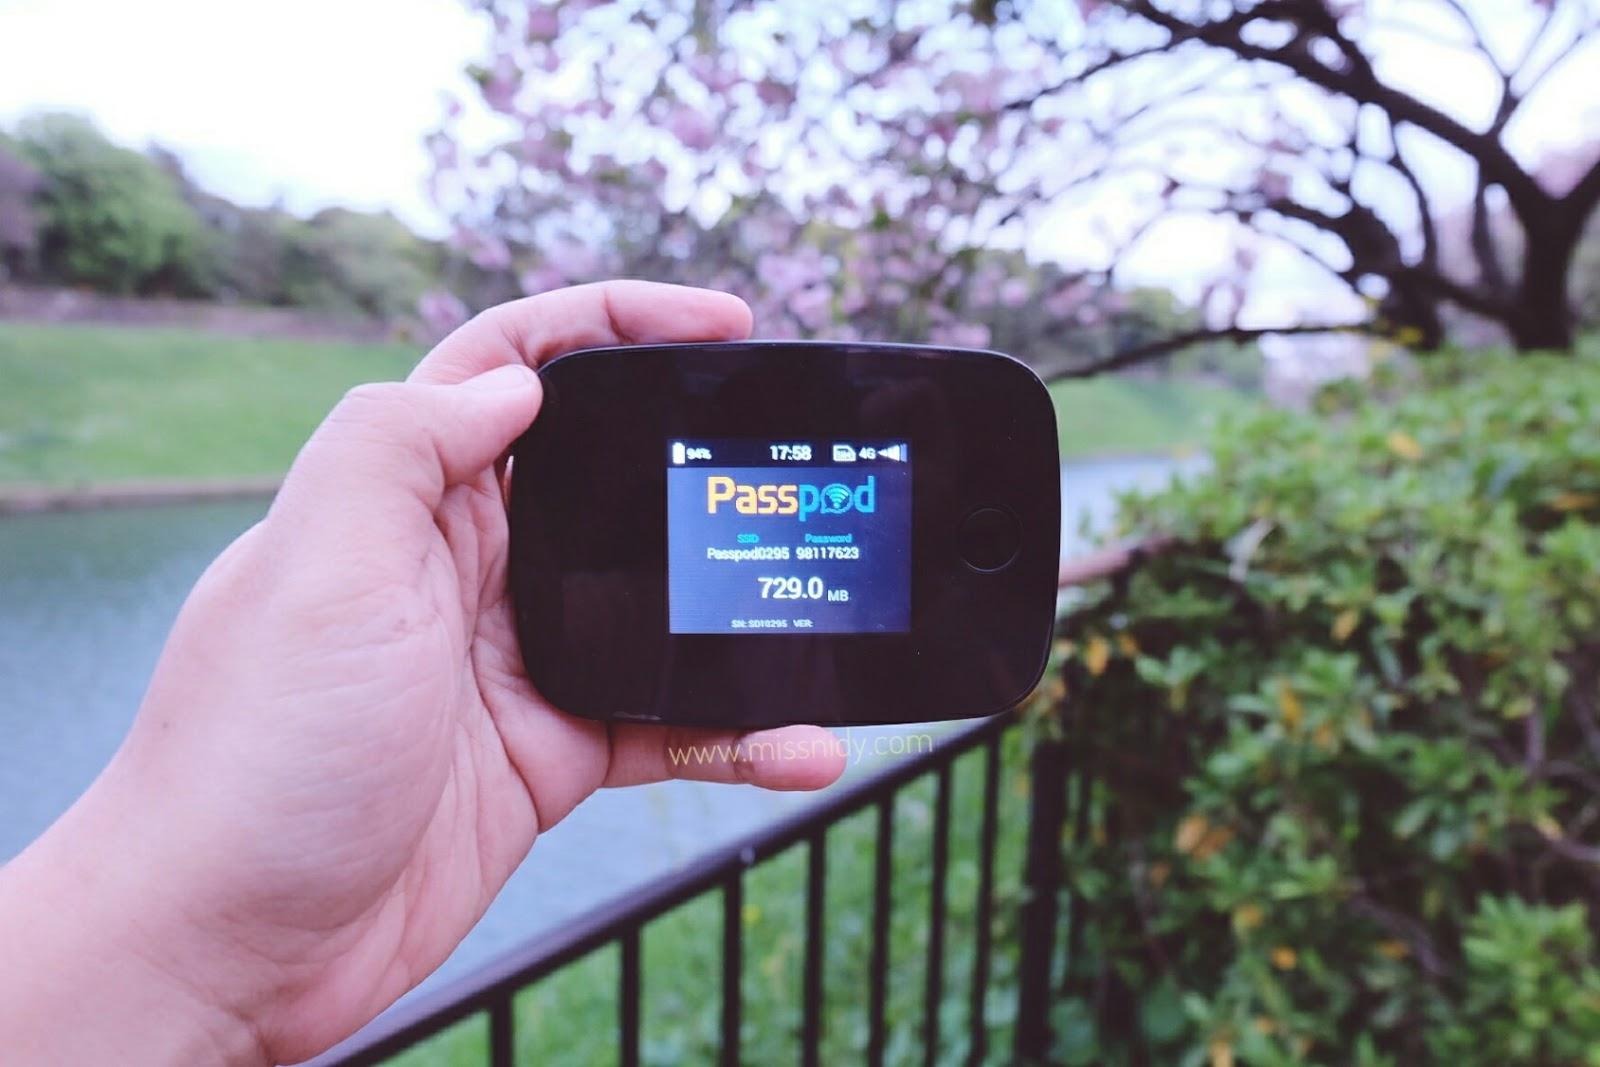 pengalaman sewa modem passpod.id